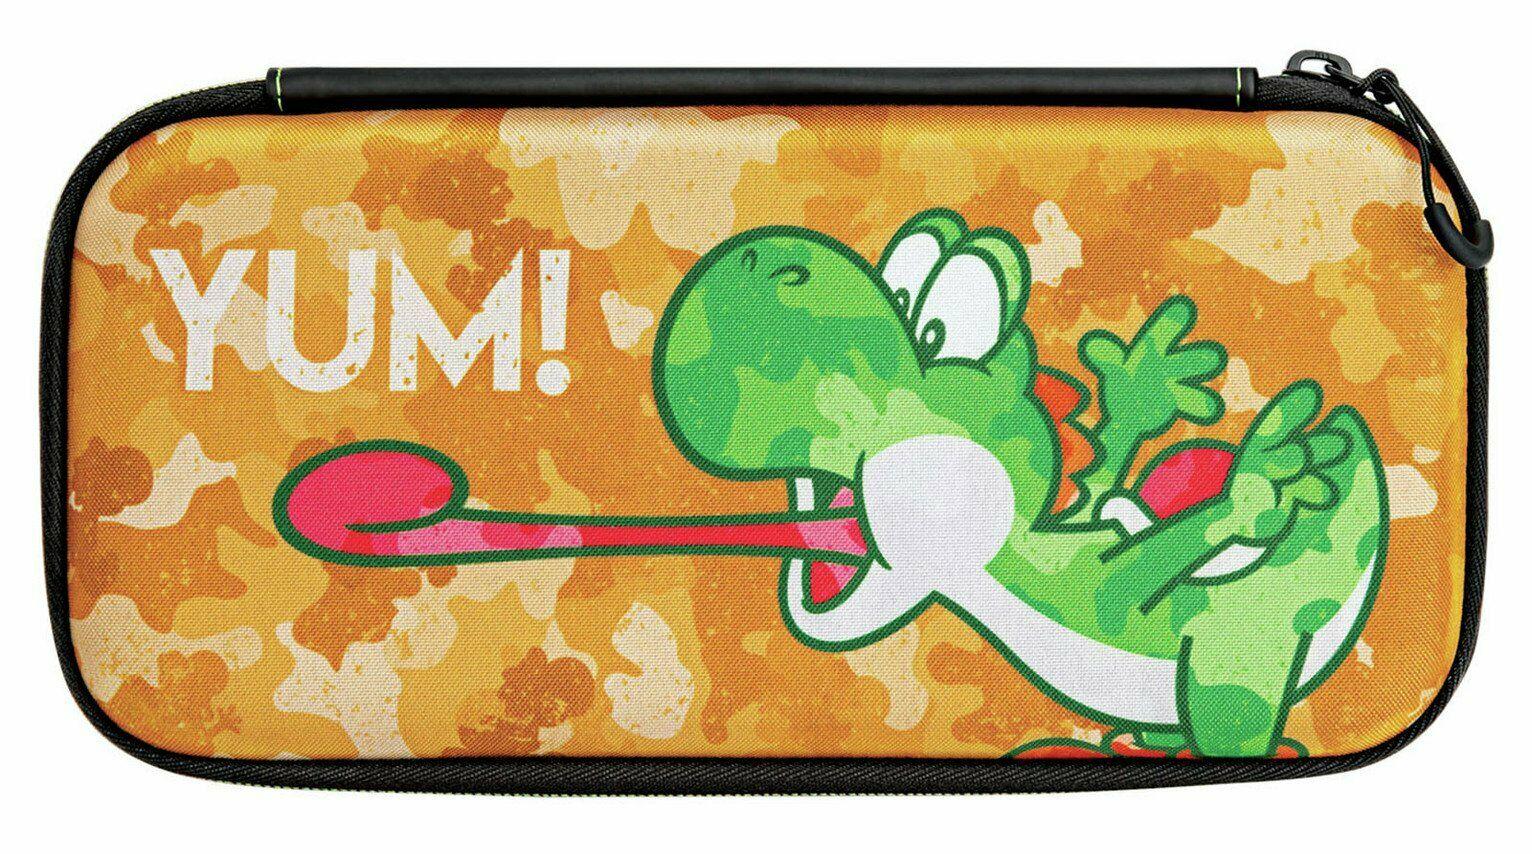 Nintendo Switch Slim Travel Case - Yoshi Camouflage, £4.99 delivered at Argos ebay - UK Mainland